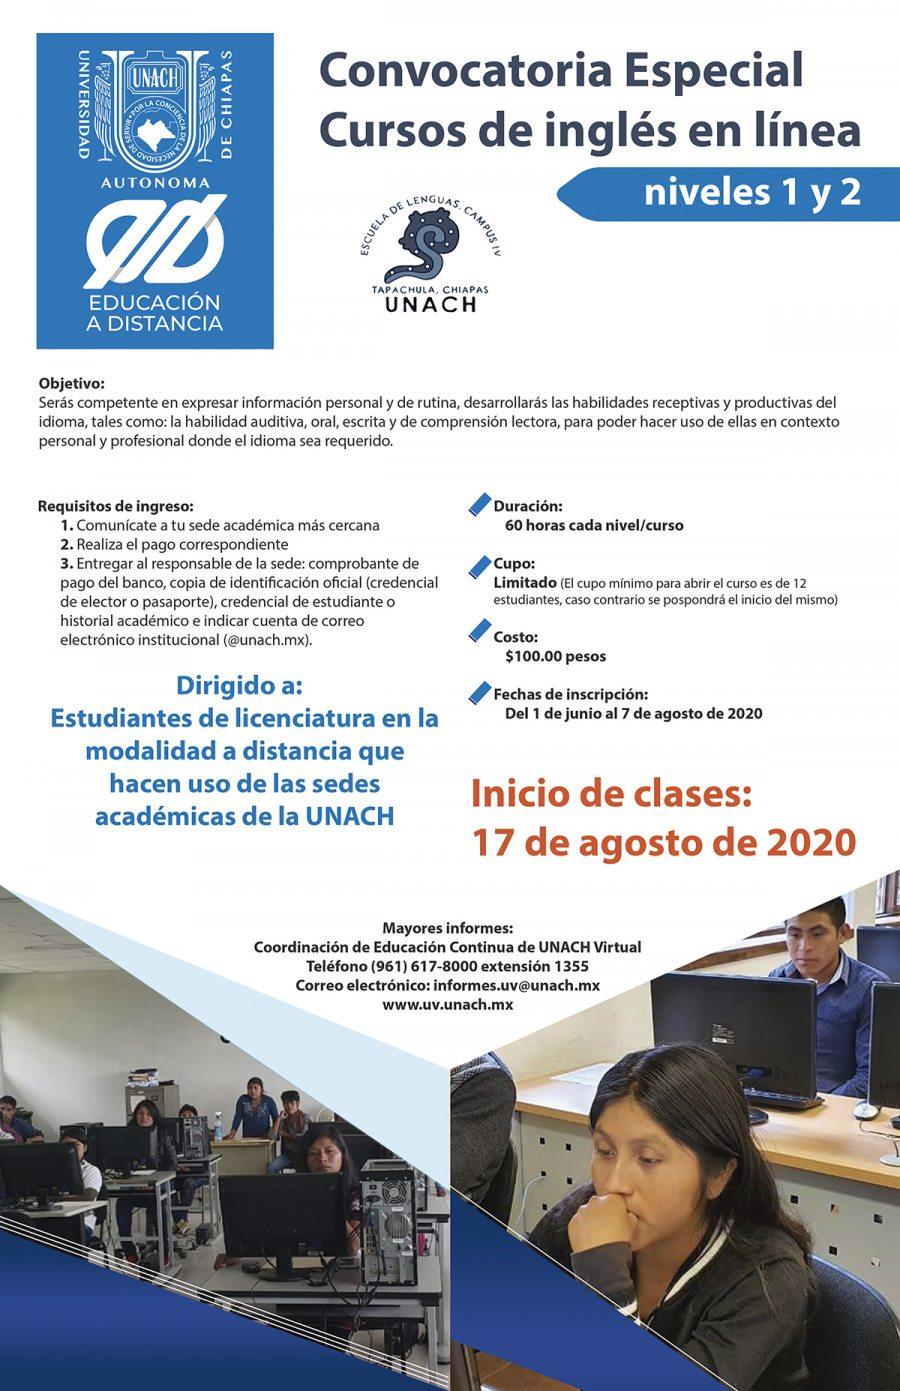 Emite UNACH Virtual convocatoria especial de cursos de inglés para sedes académicas